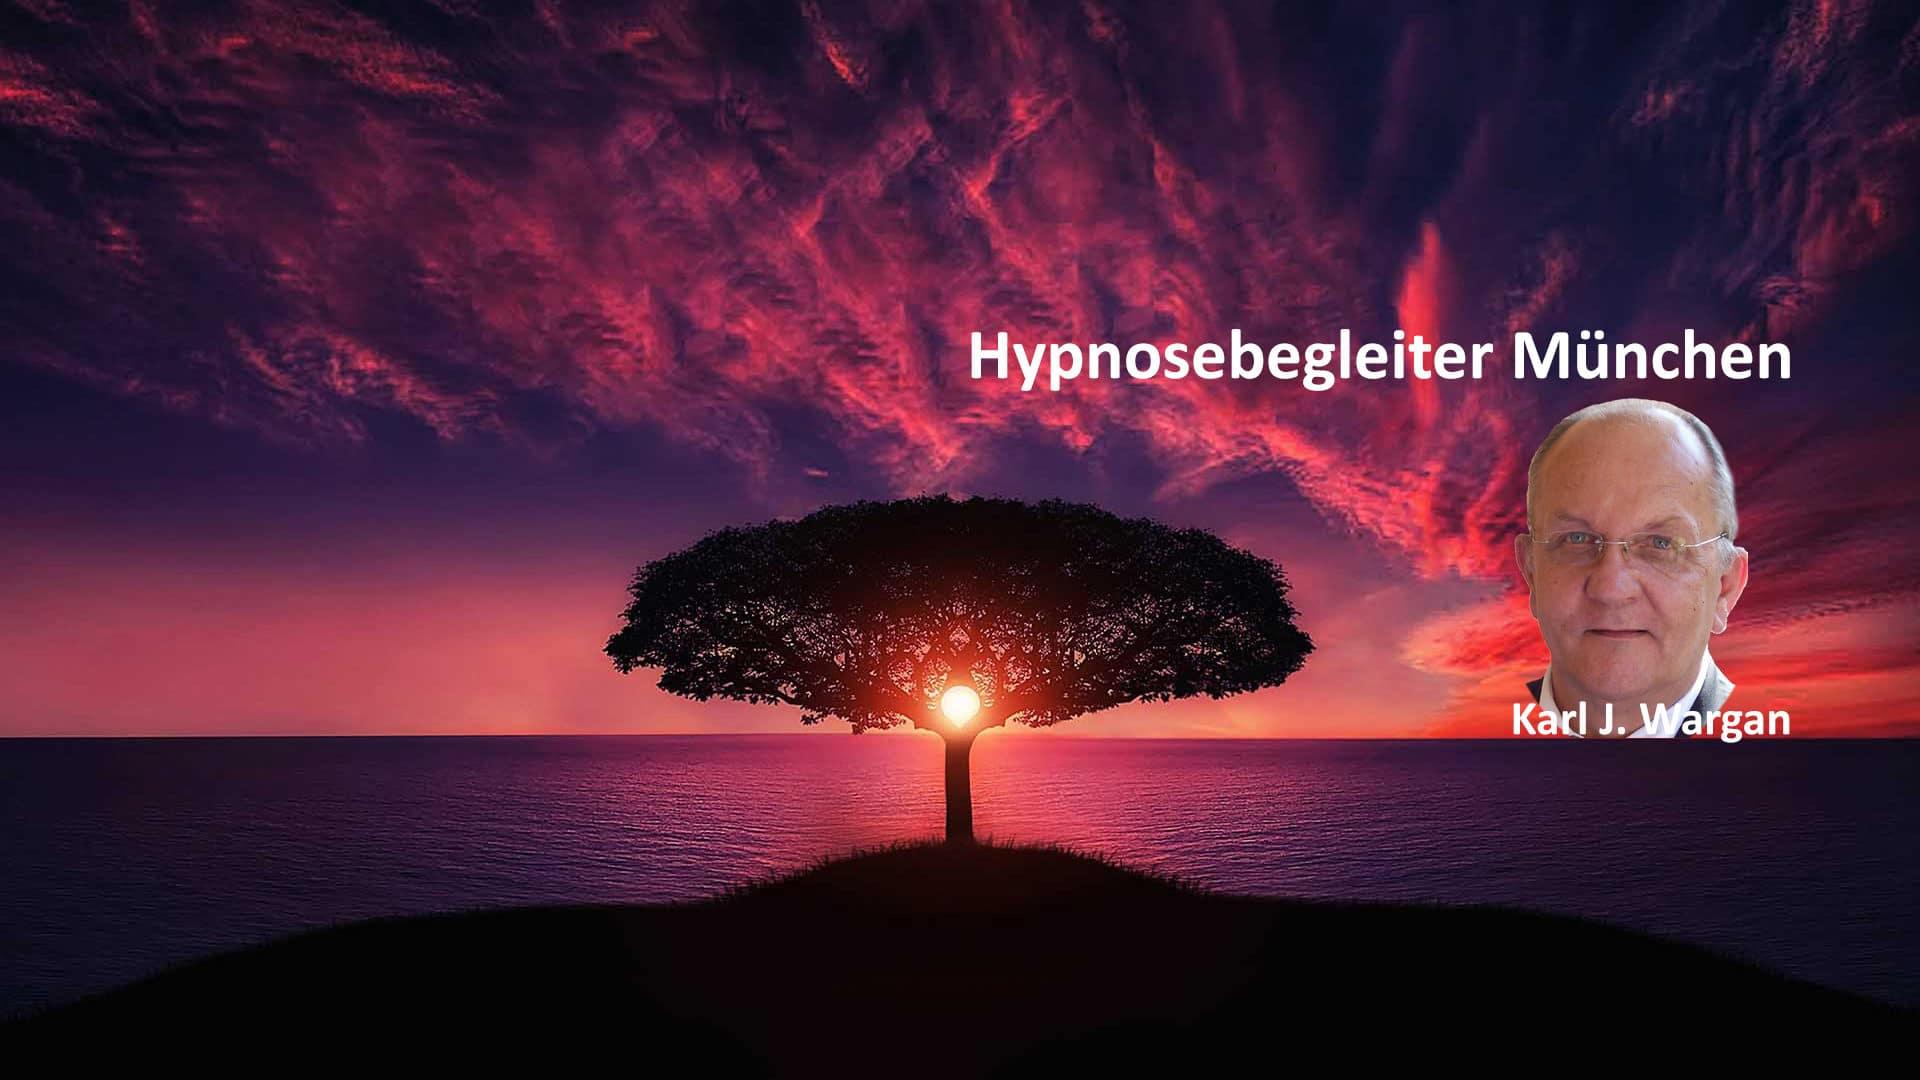 Hypnosebegleiter München